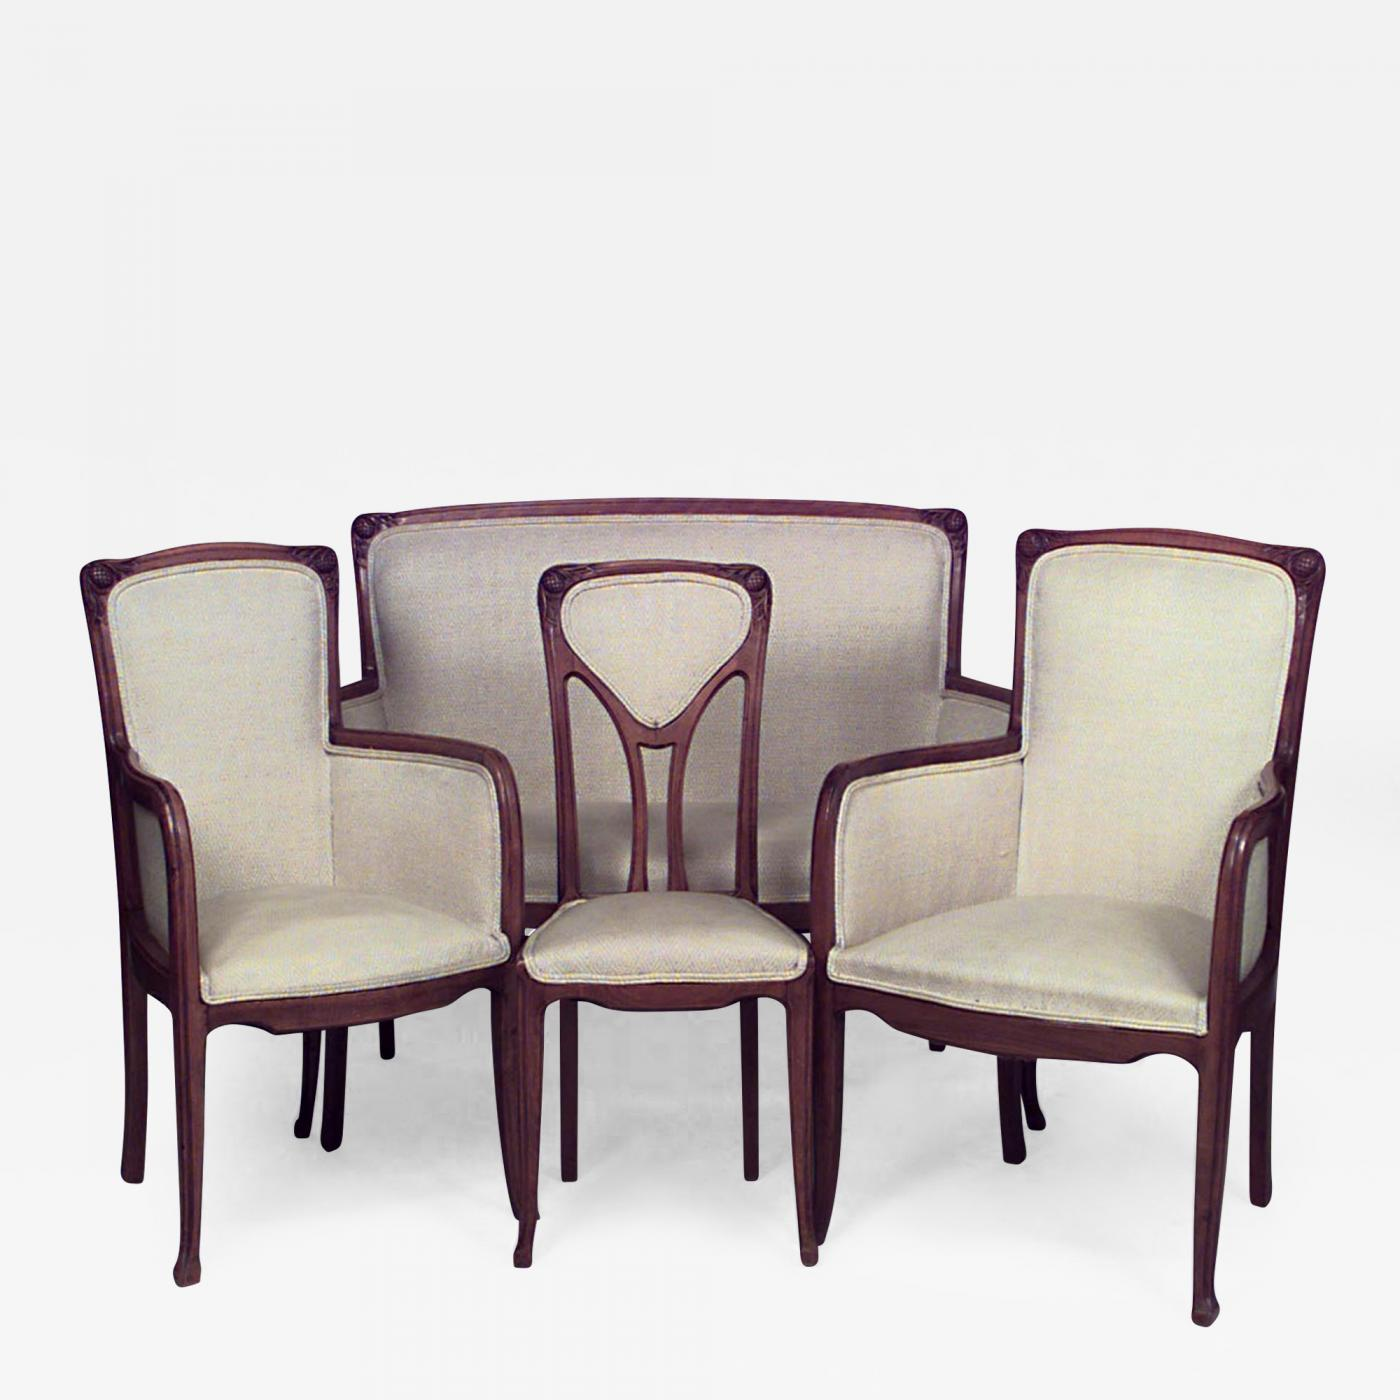 7 Piece French Art Nouveau Living Room Set